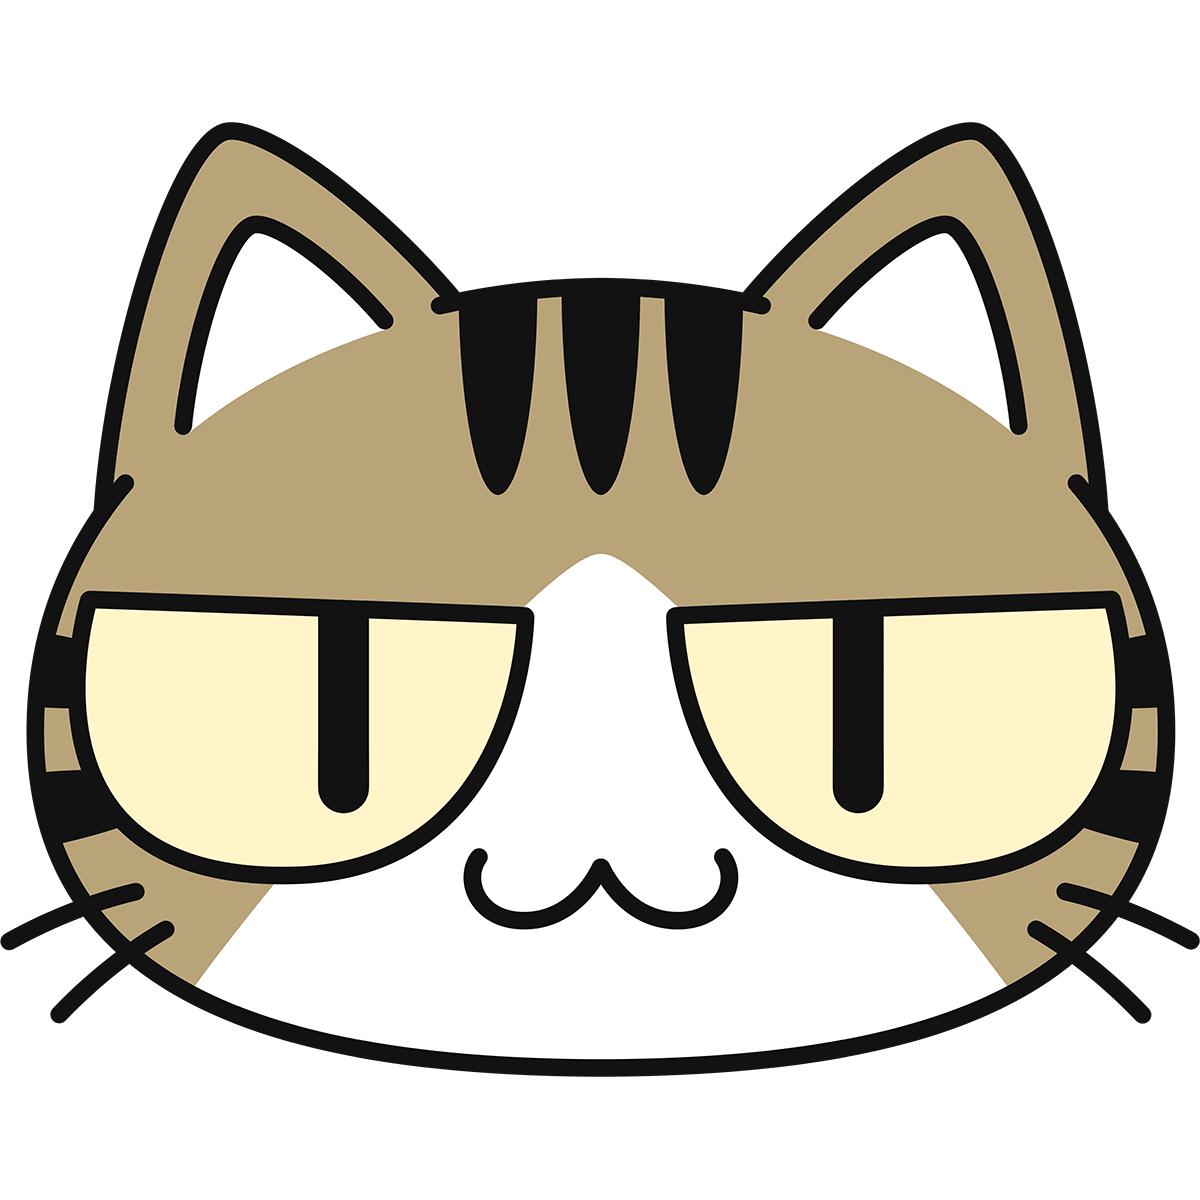 キジ白猫の顔(猫目)の無料イラスト